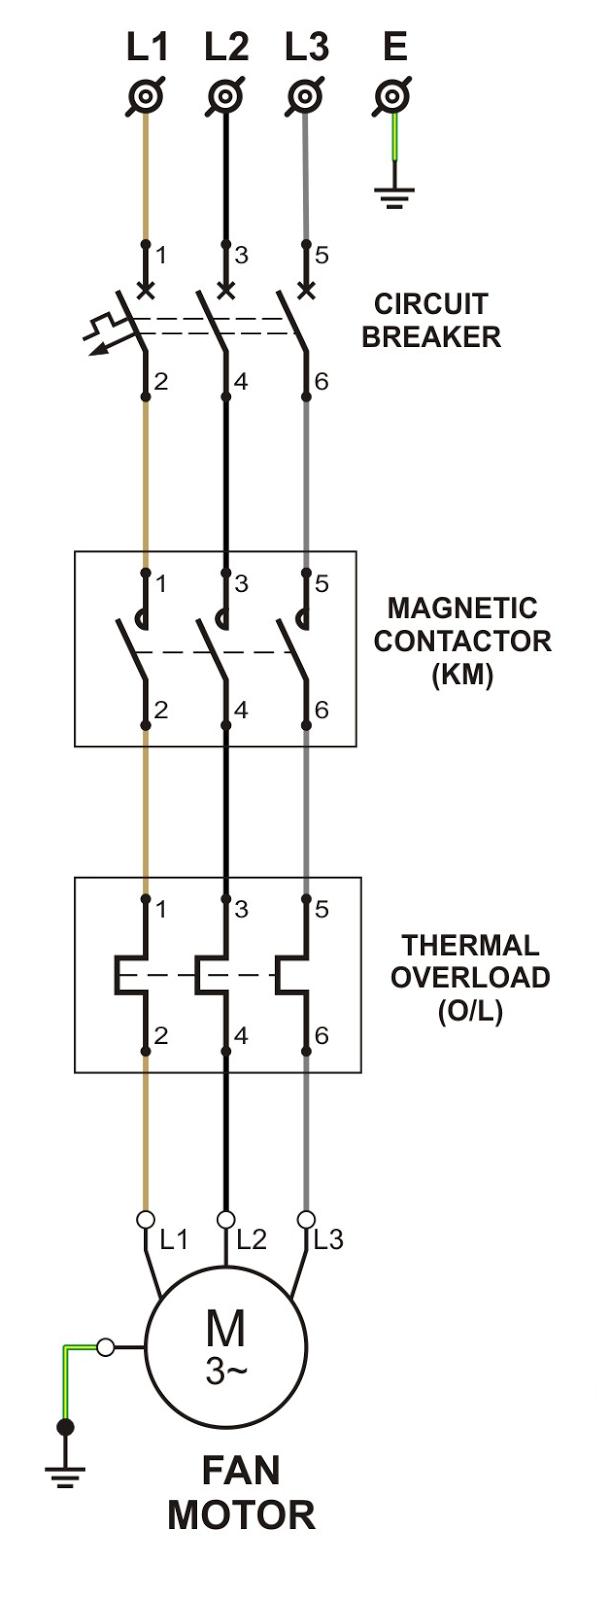 3 Phase Motor Starter Circuit Diagram - Hvac Control Wiring Circuit Diagram  - wiring.tukune.jeanjaures37.fr | Hydrodynamic 1081 Pool Pump Wiring Diagram |  | Wiring Diagram Resource